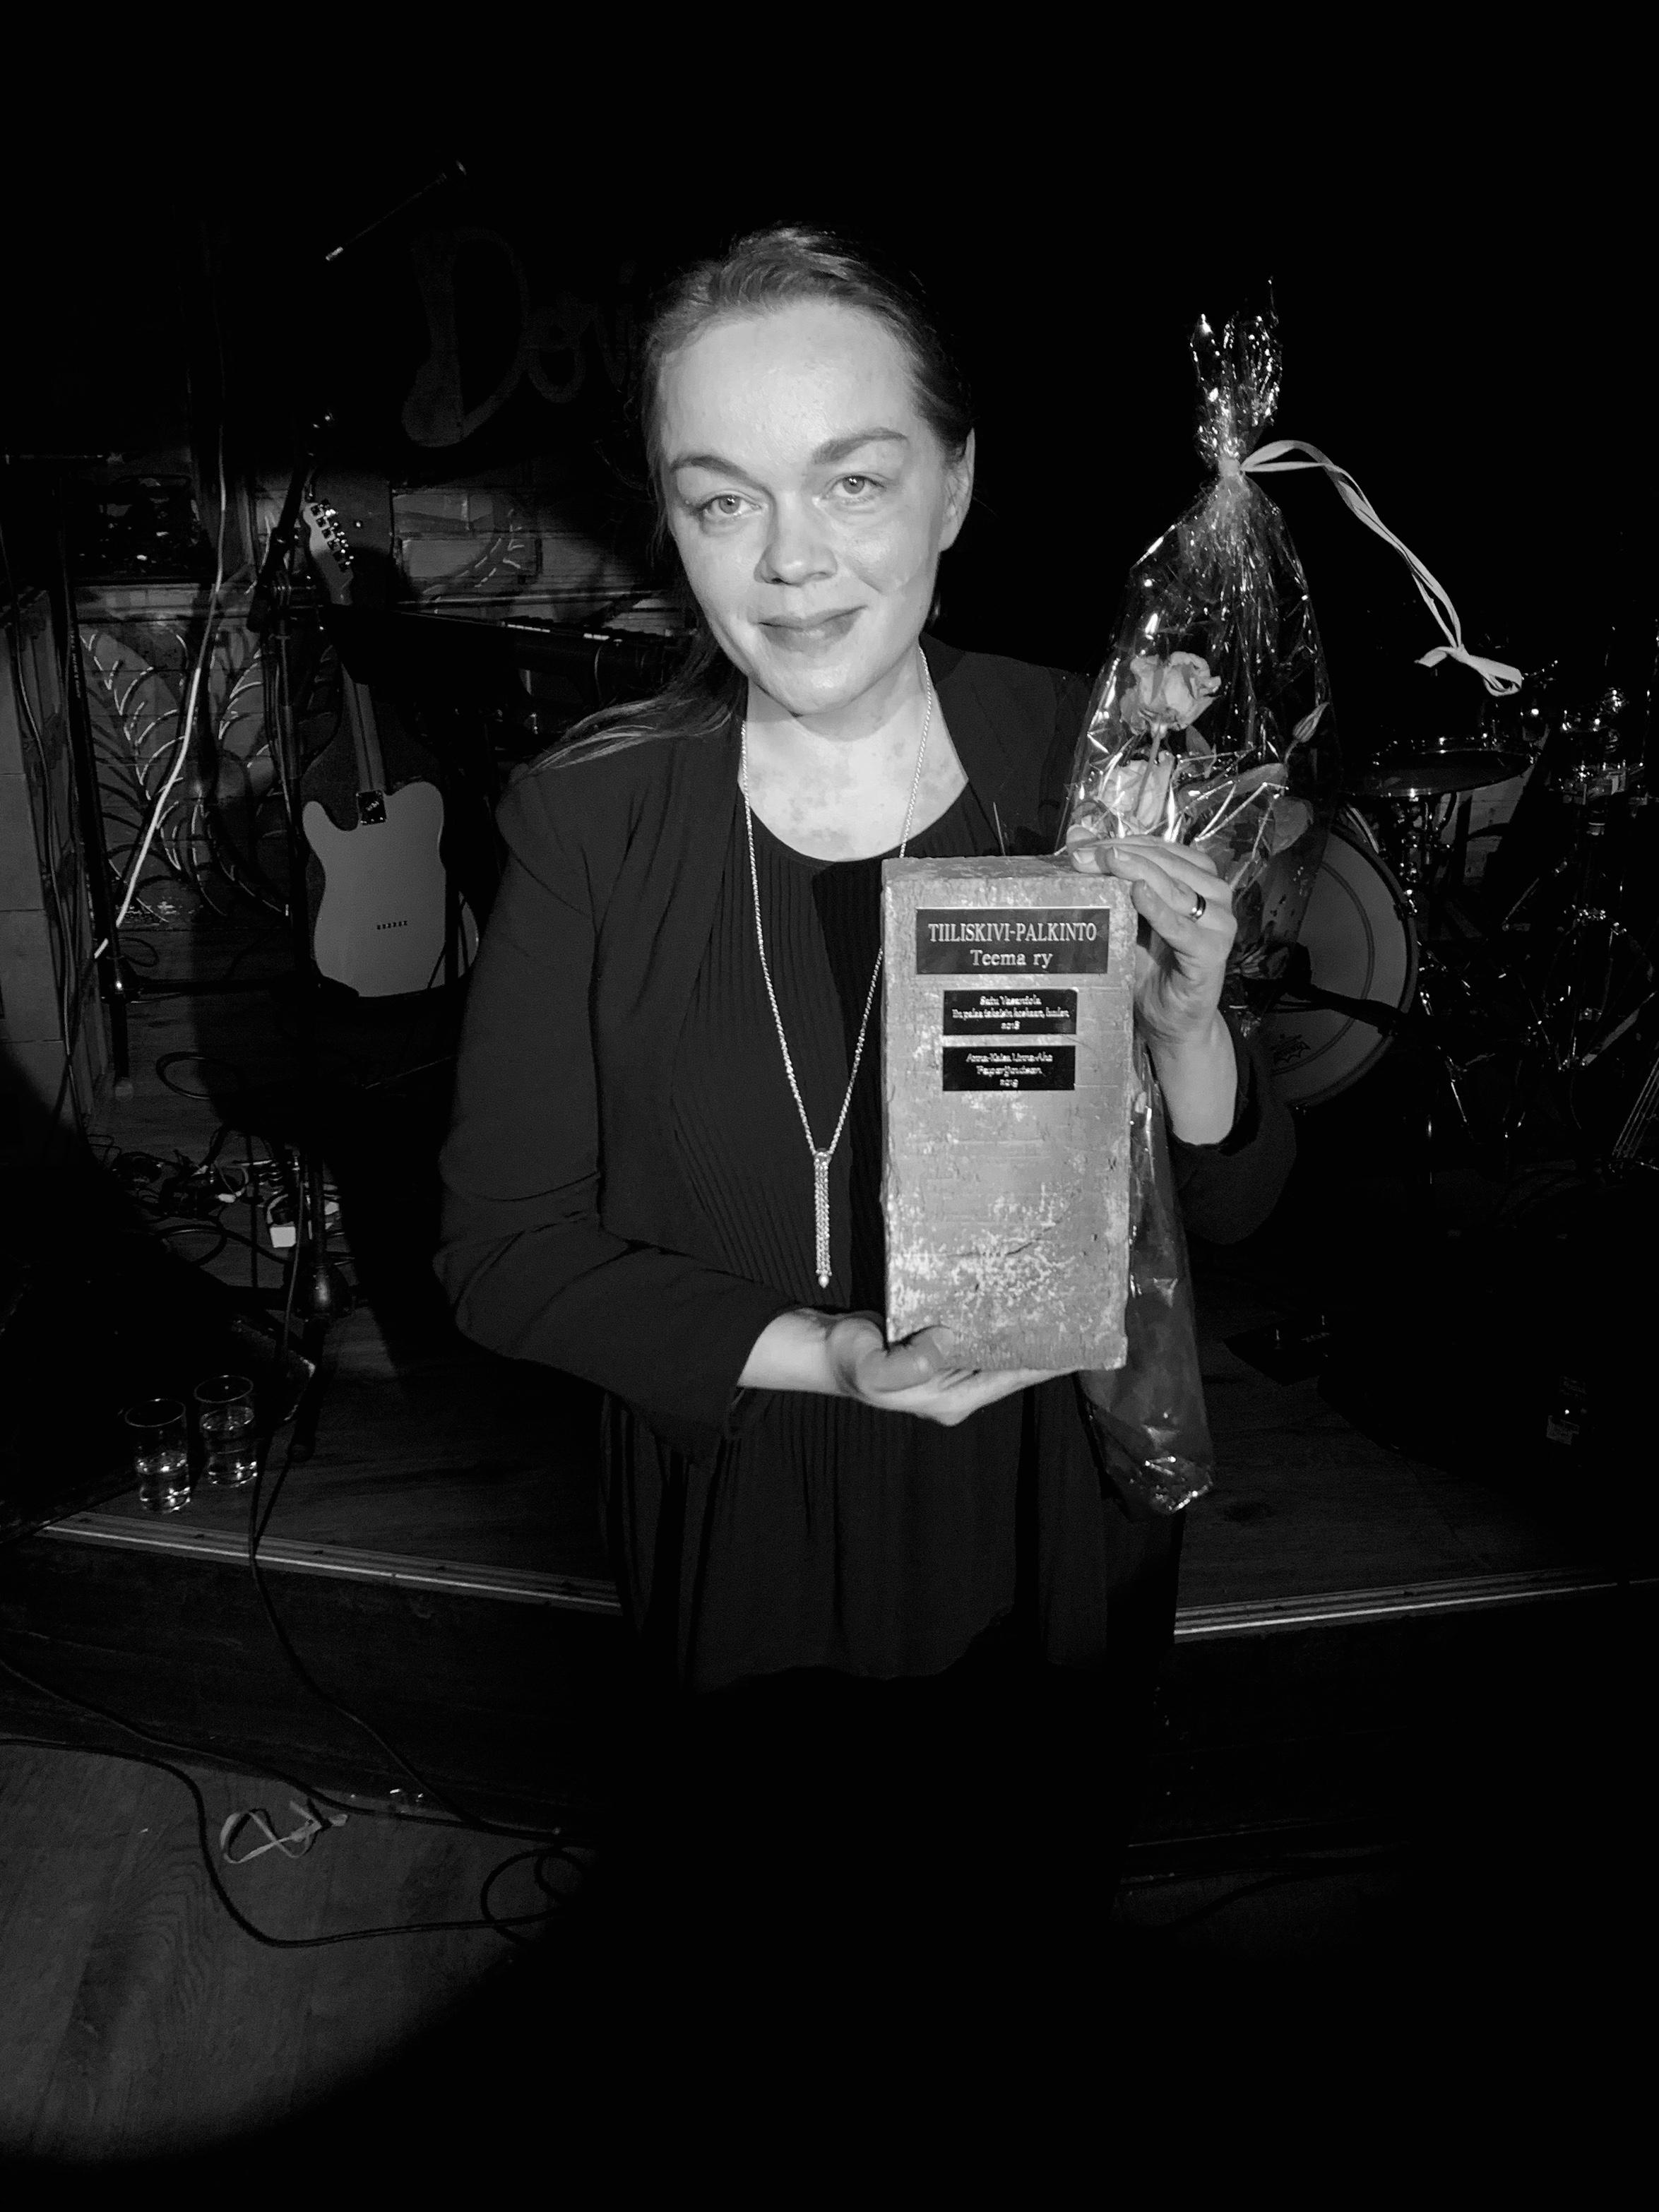 Vuoden 2019 Tiiliskivi-palkinnon voitti Anna-Kaisa Linna-Aho romaanillaan Paperijoutsen.